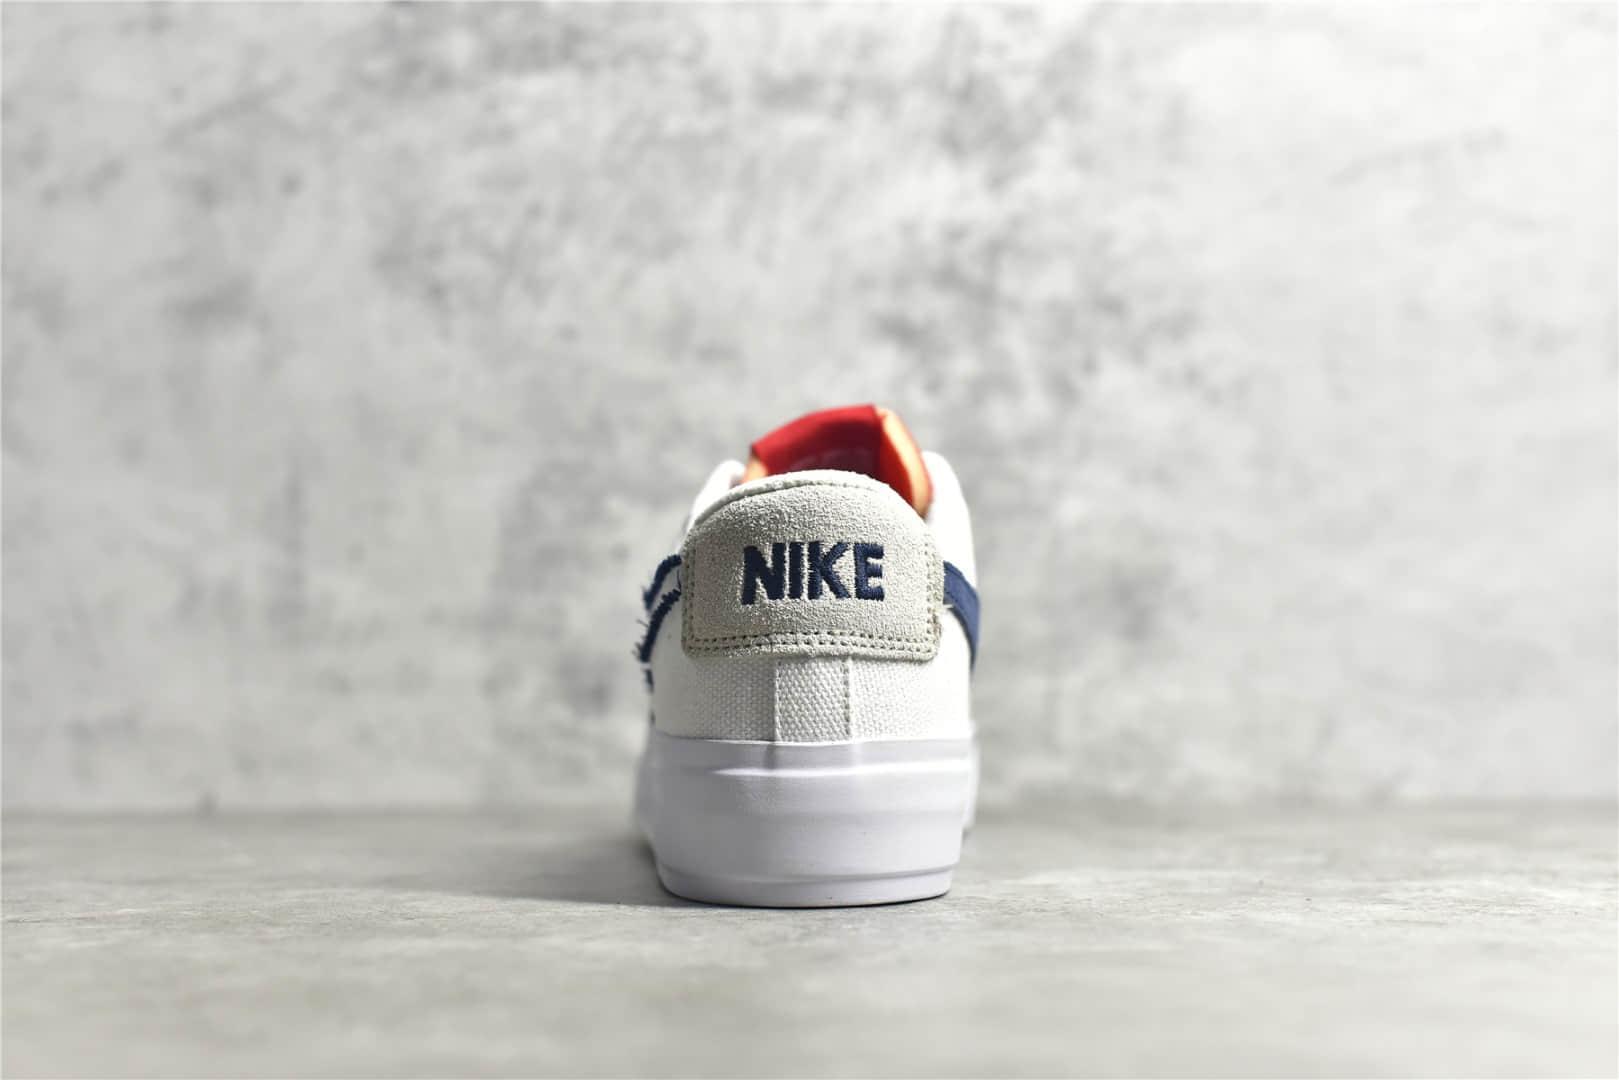 耐克开拓者拆线解构补丁低帮板鞋 Nike SB Zoom Blazer Mid 耐克SB ZOOM系列板鞋 货号:CI3833-100-潮流者之家